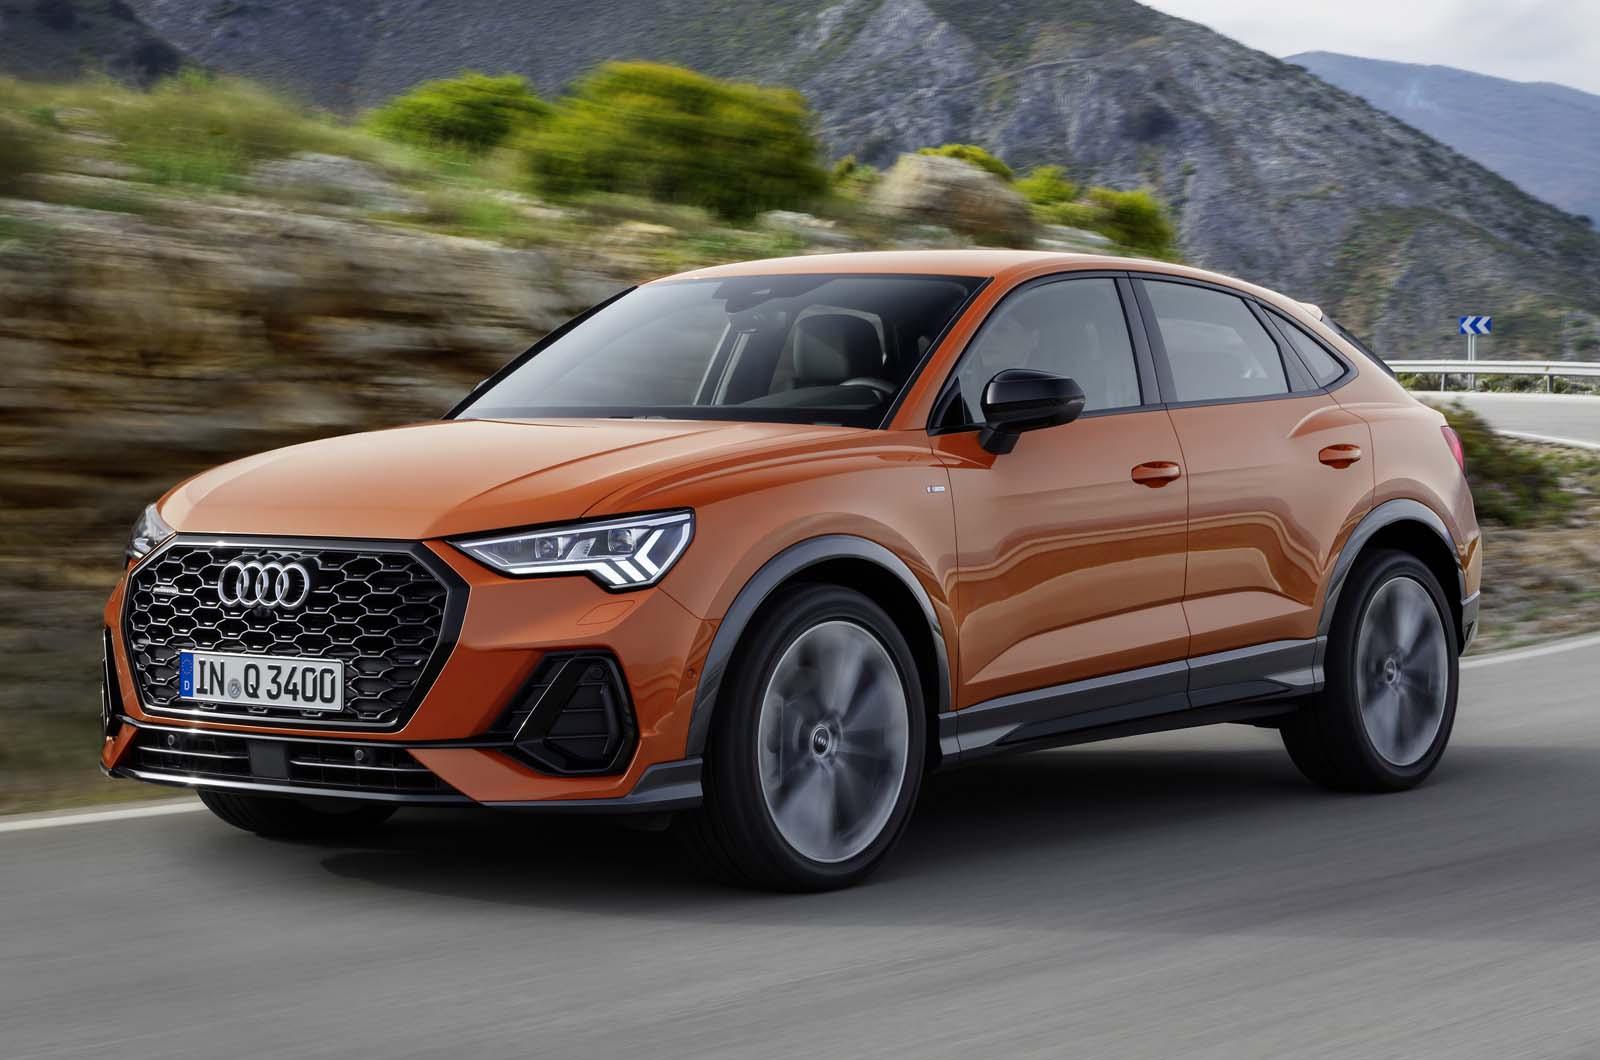 Kekurangan Audi X4 Murah Berkualitas